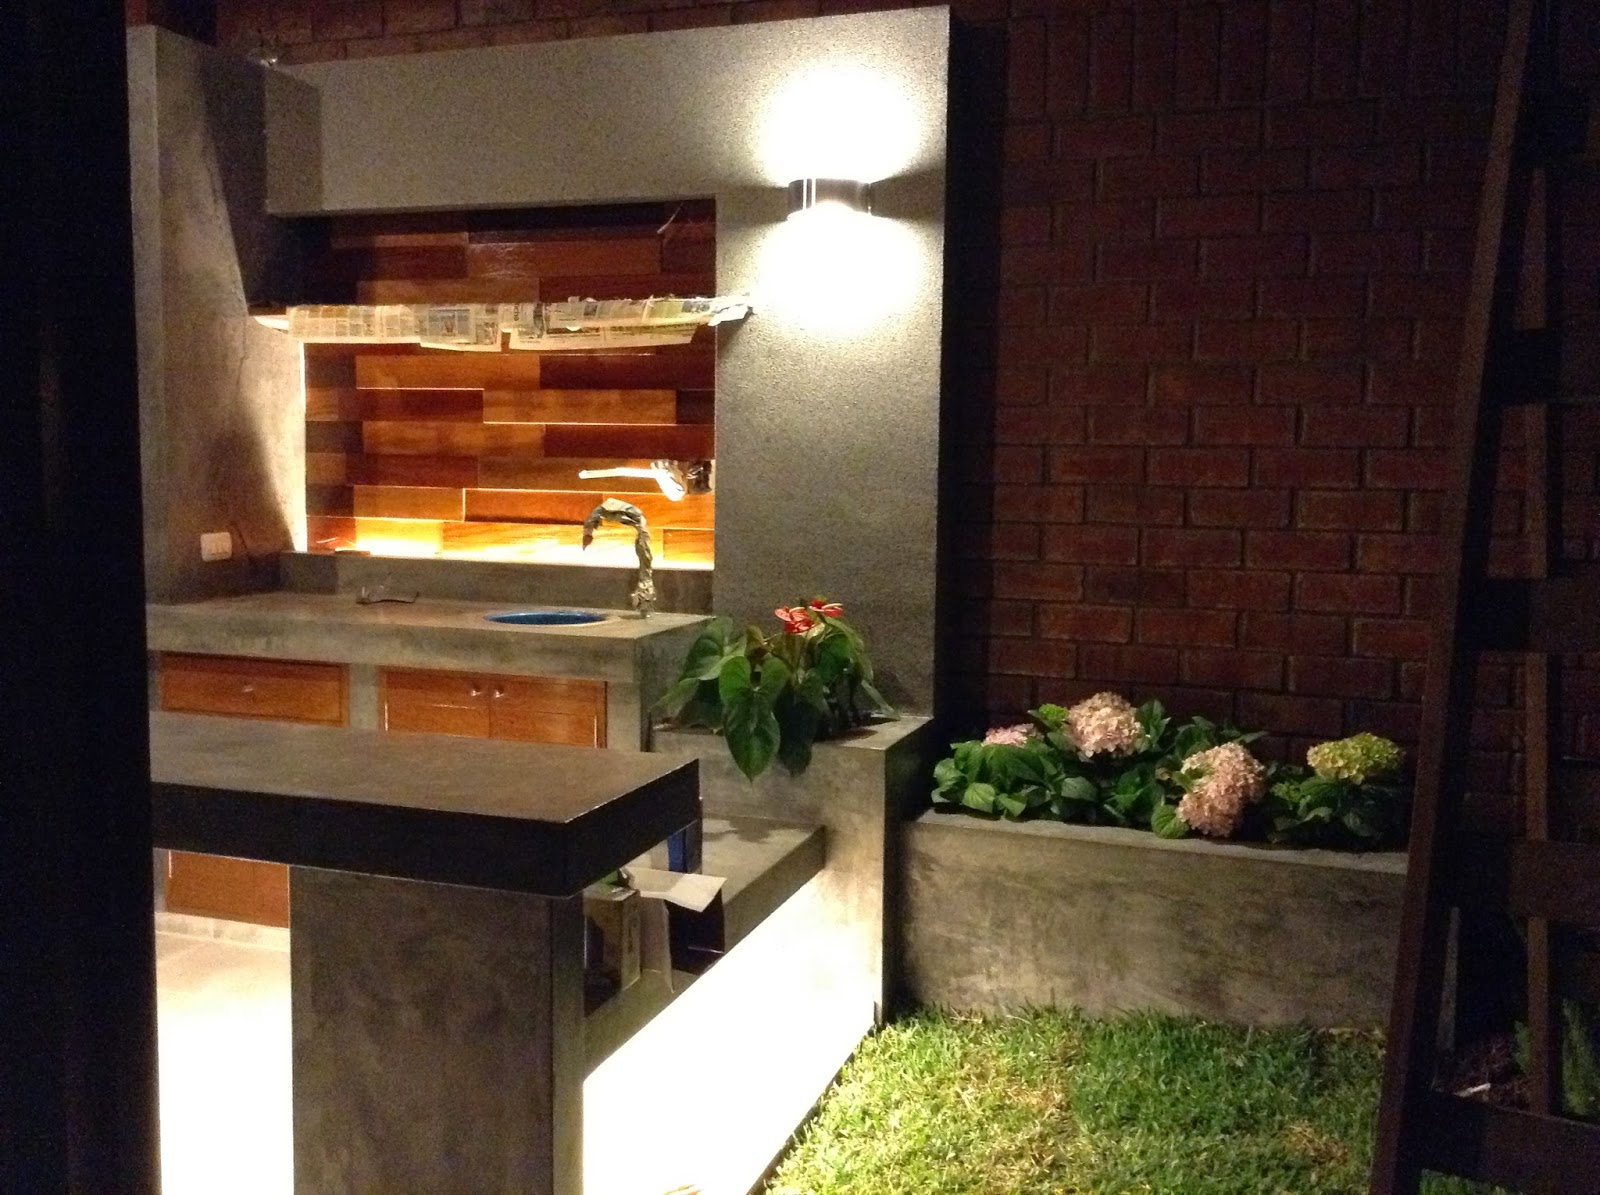 Oniria iluminaci n en parrilla de terraza for Iluminacion terraza